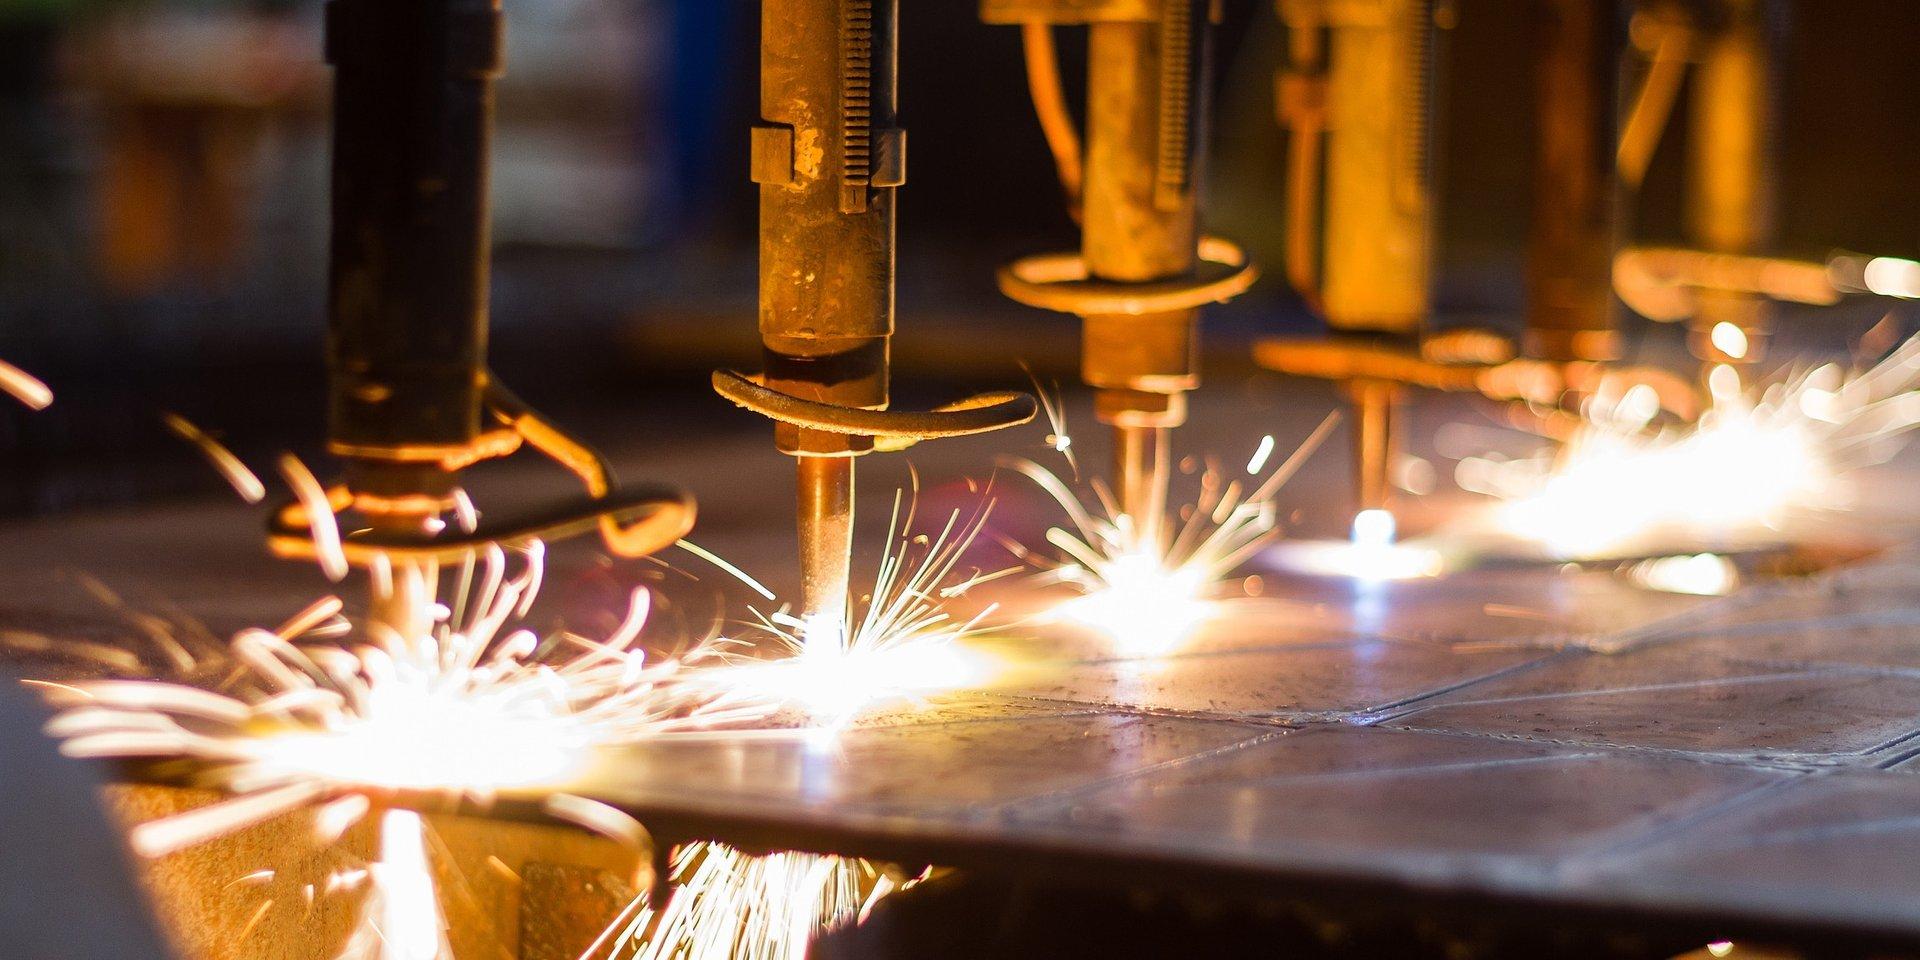 Produkcja przemysłowa zwalnia